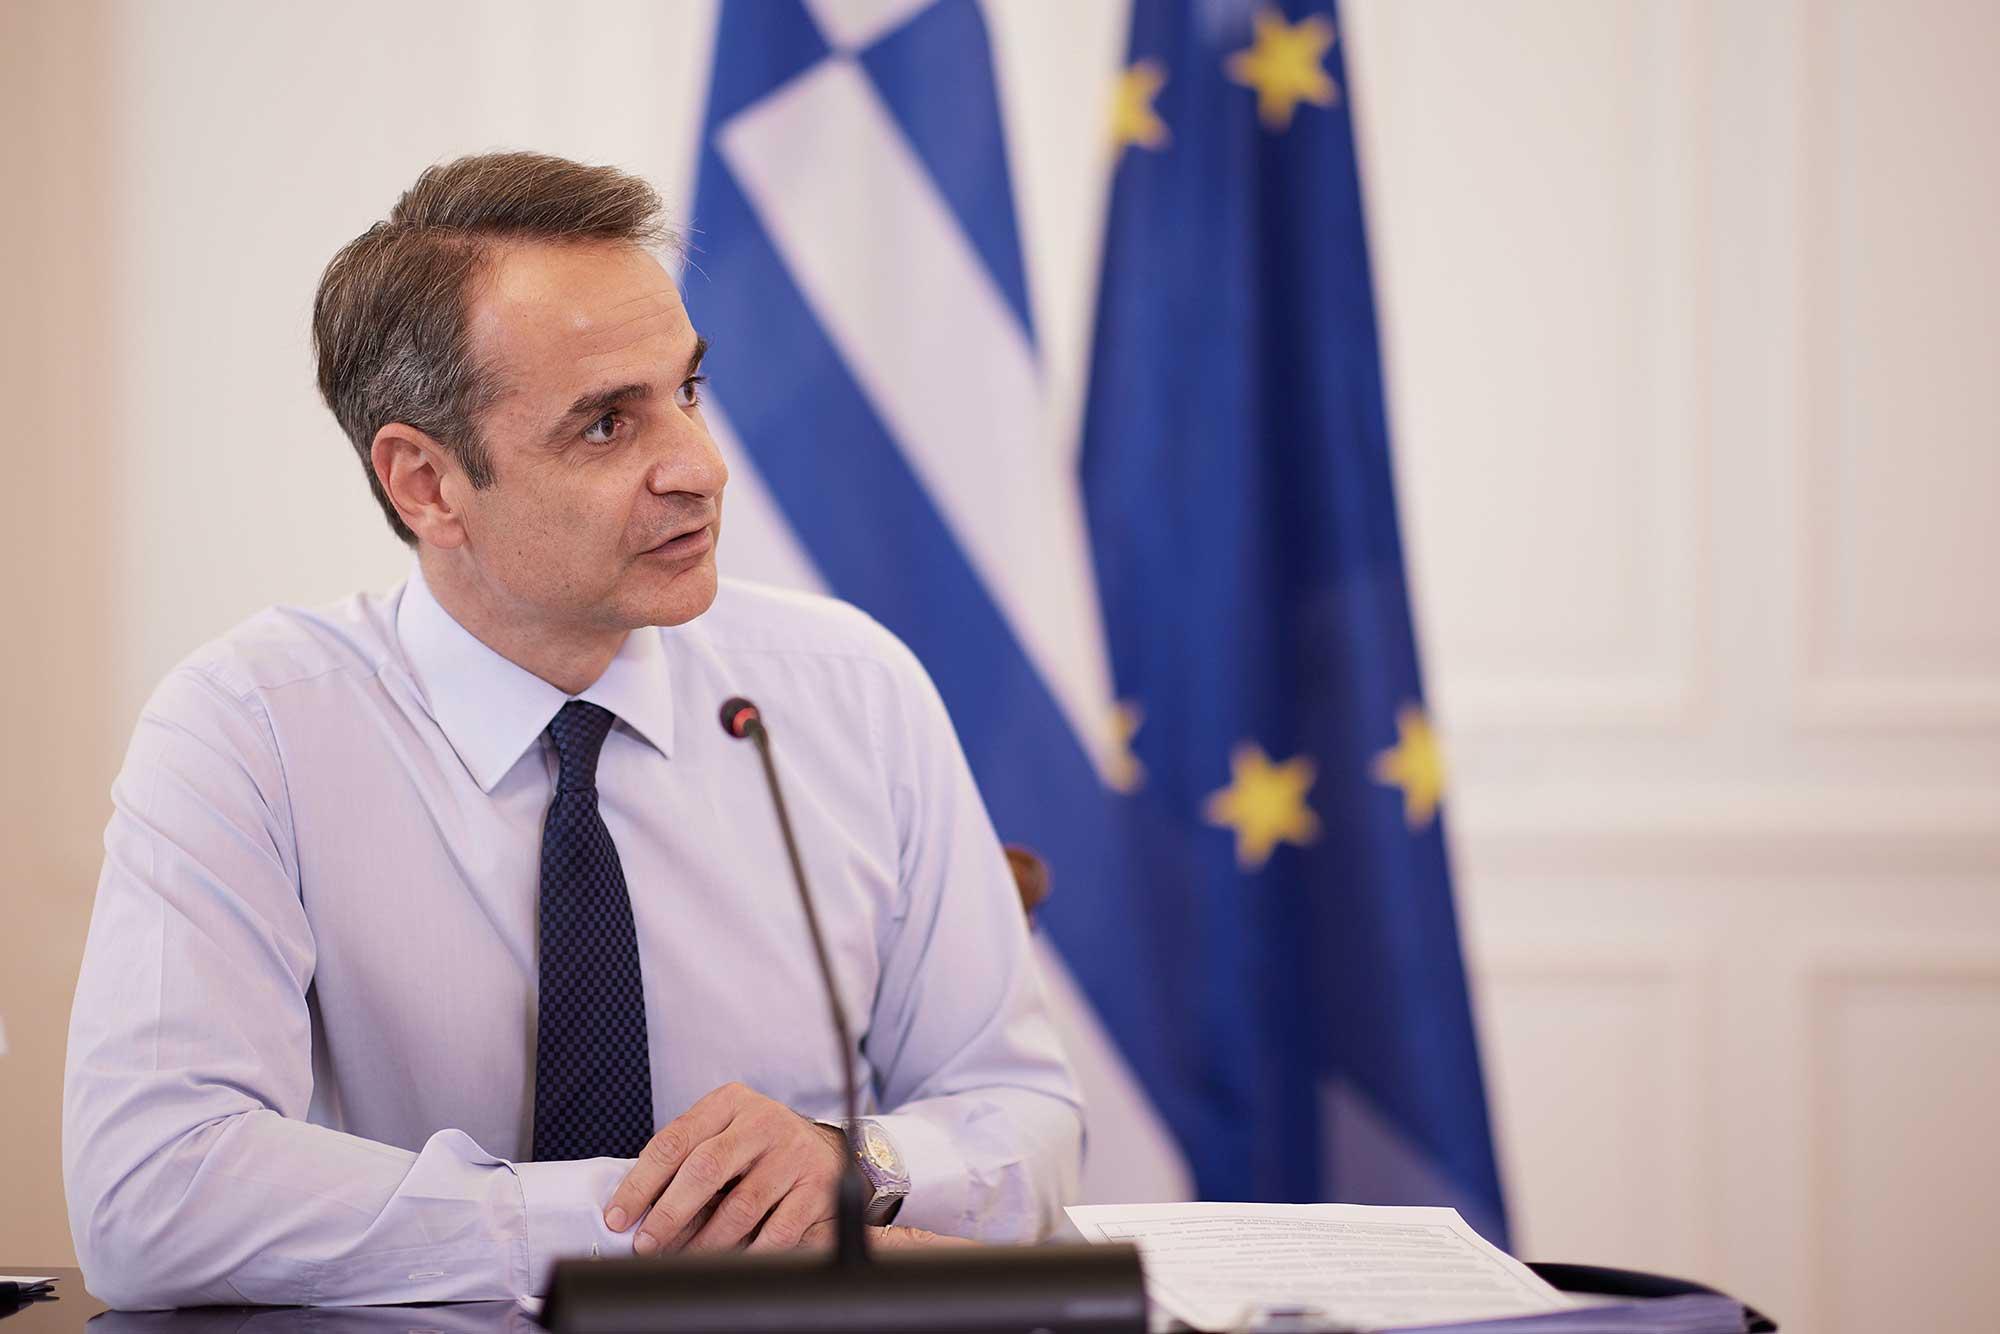 Συνεδρίαση του ΚΥΣΕΑ την Πέμπτη υπό την προεδρία Μητσοτάκη – Στις 21:00 ομιλία στο συνέδριο του «The Economist»